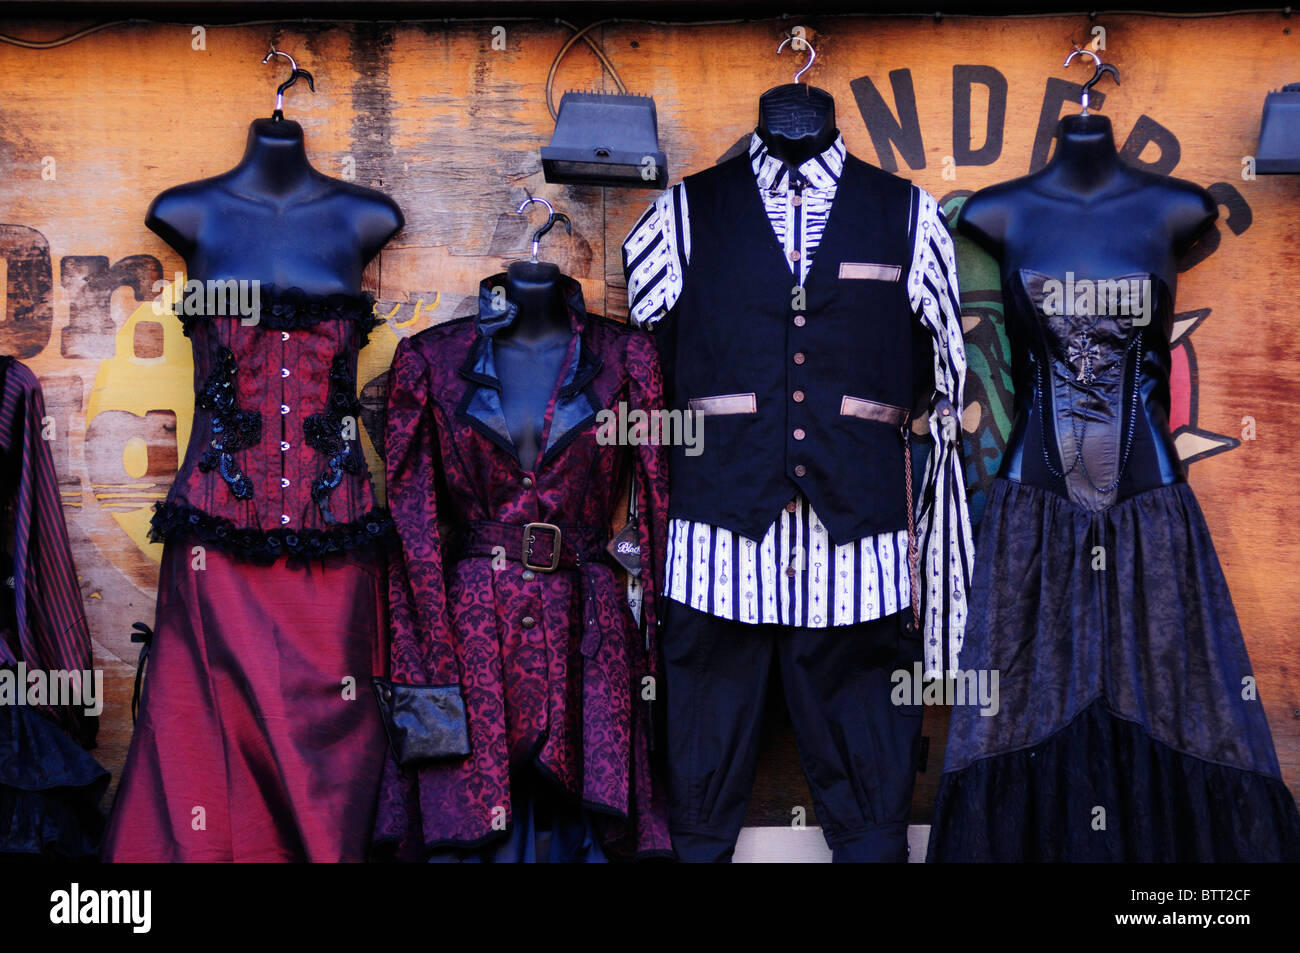 Alternative Anzeige der Retro-Kleidung Shop, Camden High Street, Camden Town, London, England, UK Stockbild